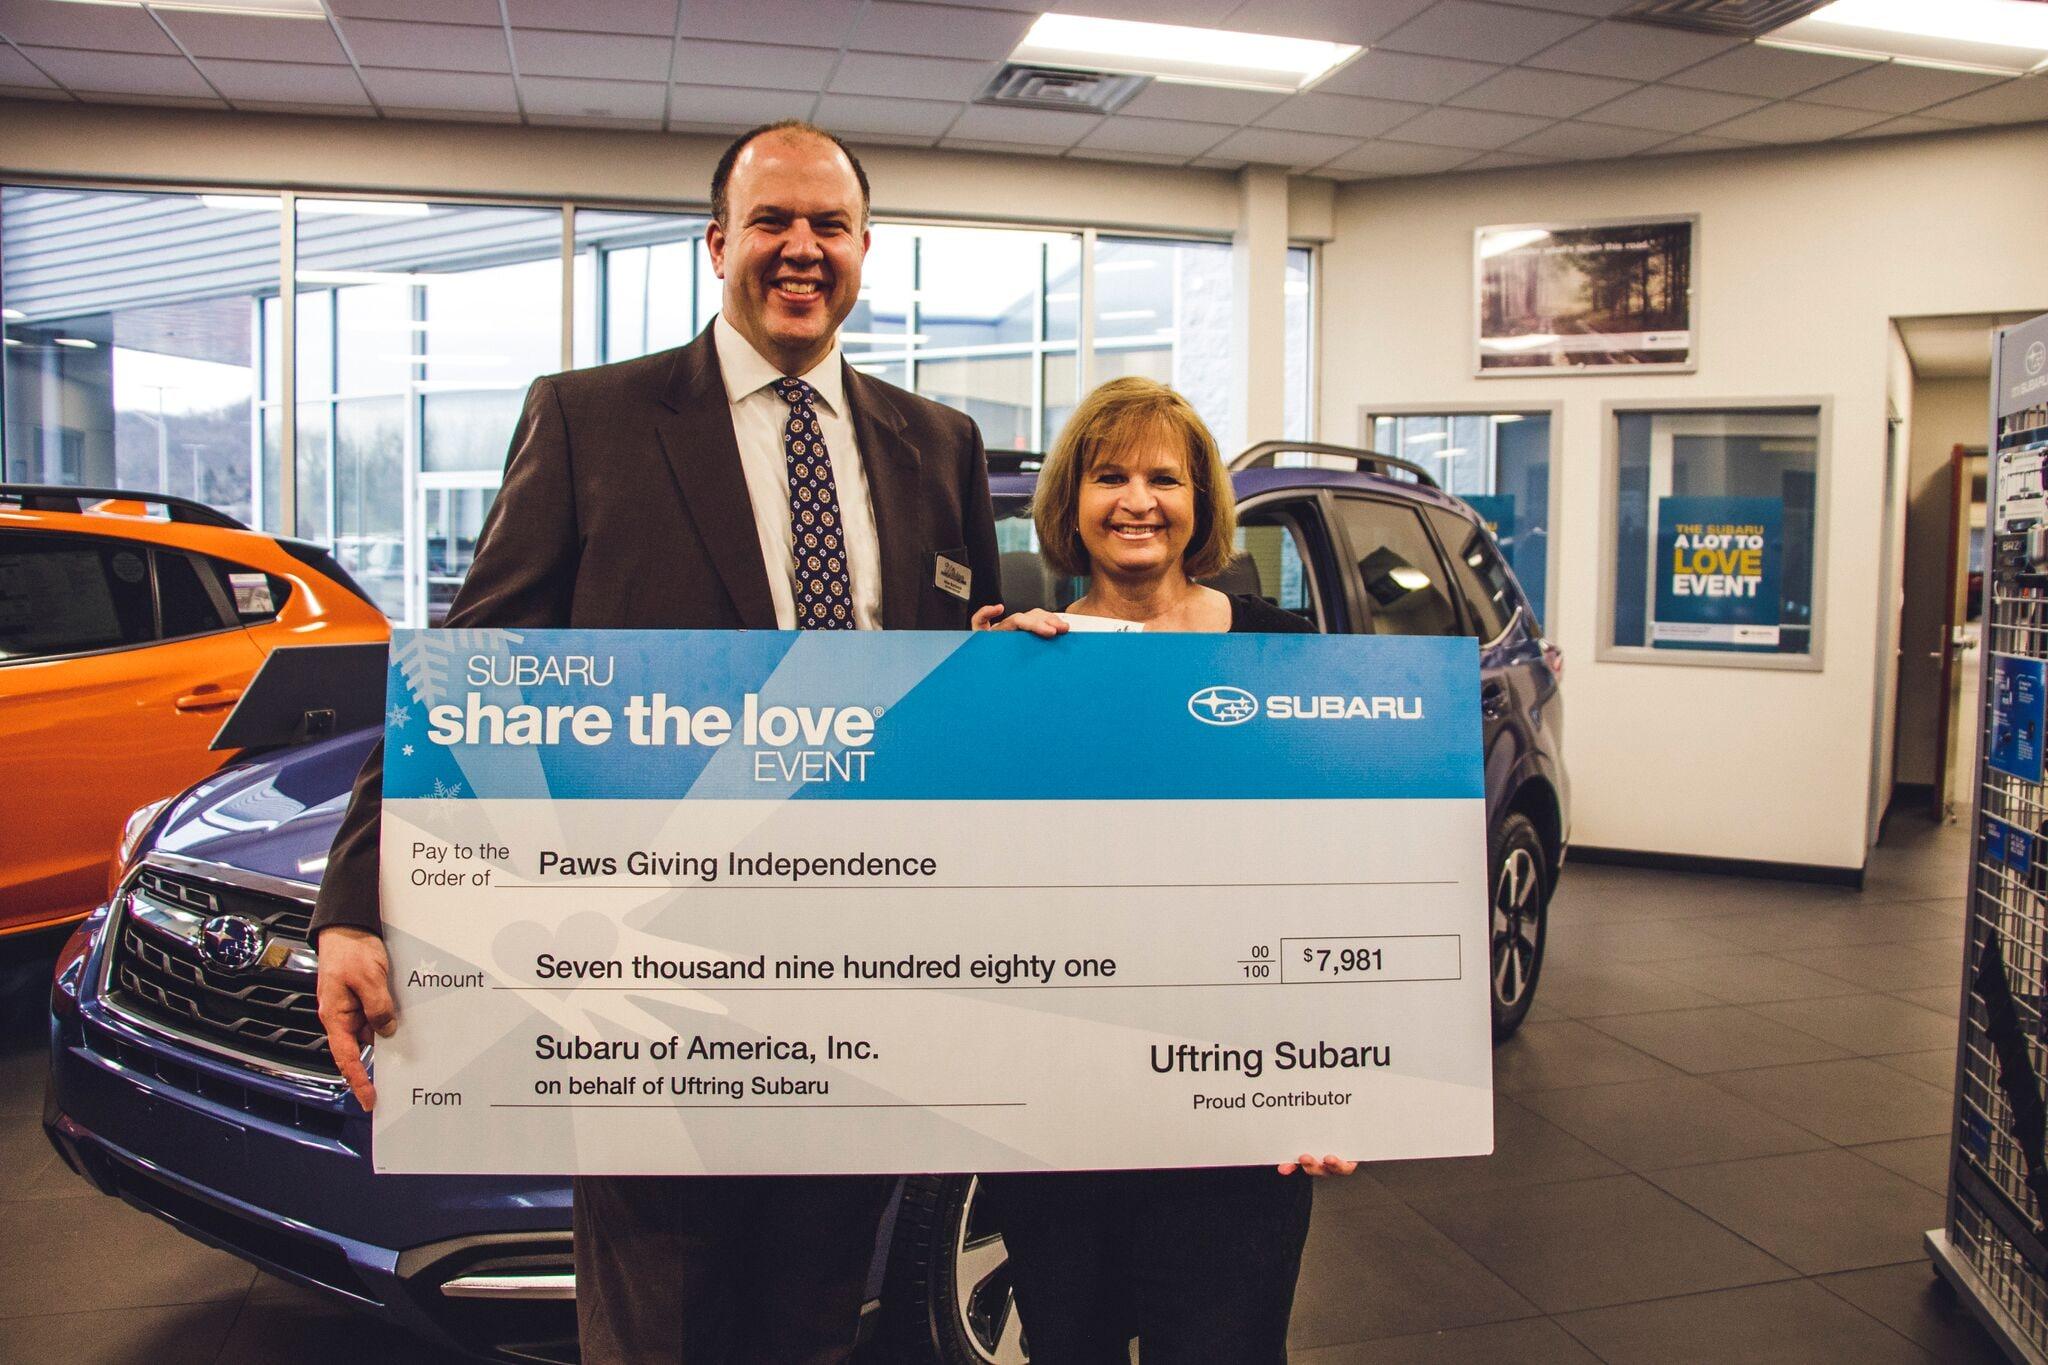 Uftring Subaru Raised For Local Charity In Uftring Subaru - Uftring ford car show